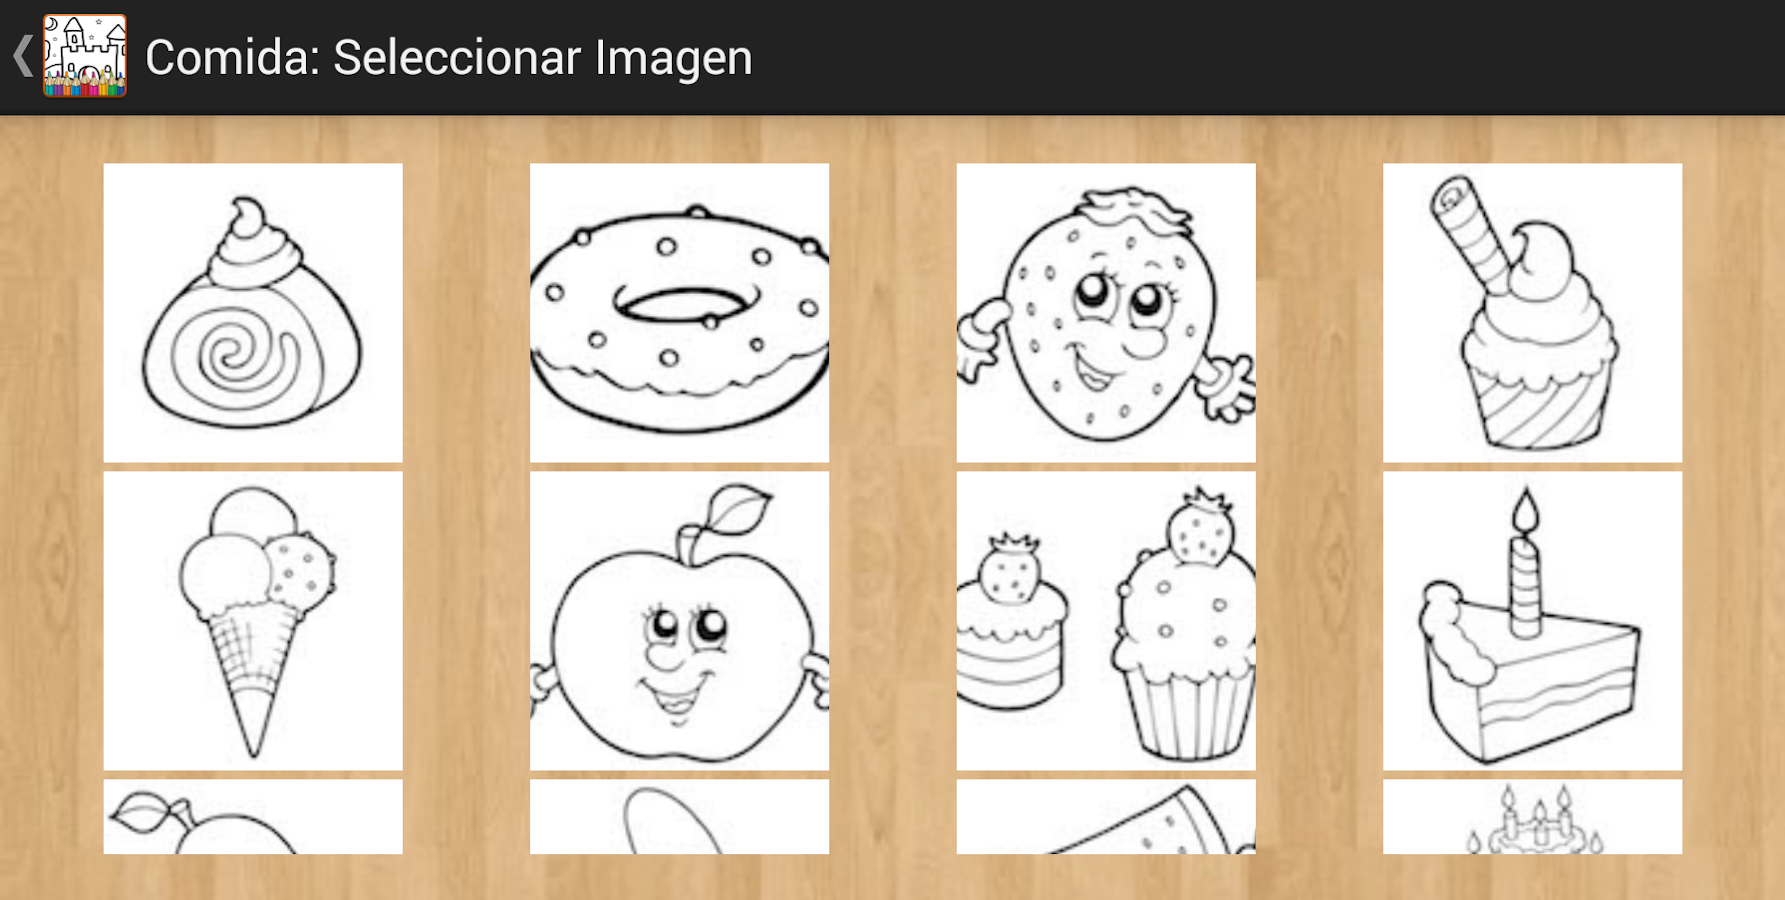 Aplicaciones De Android En Google Play